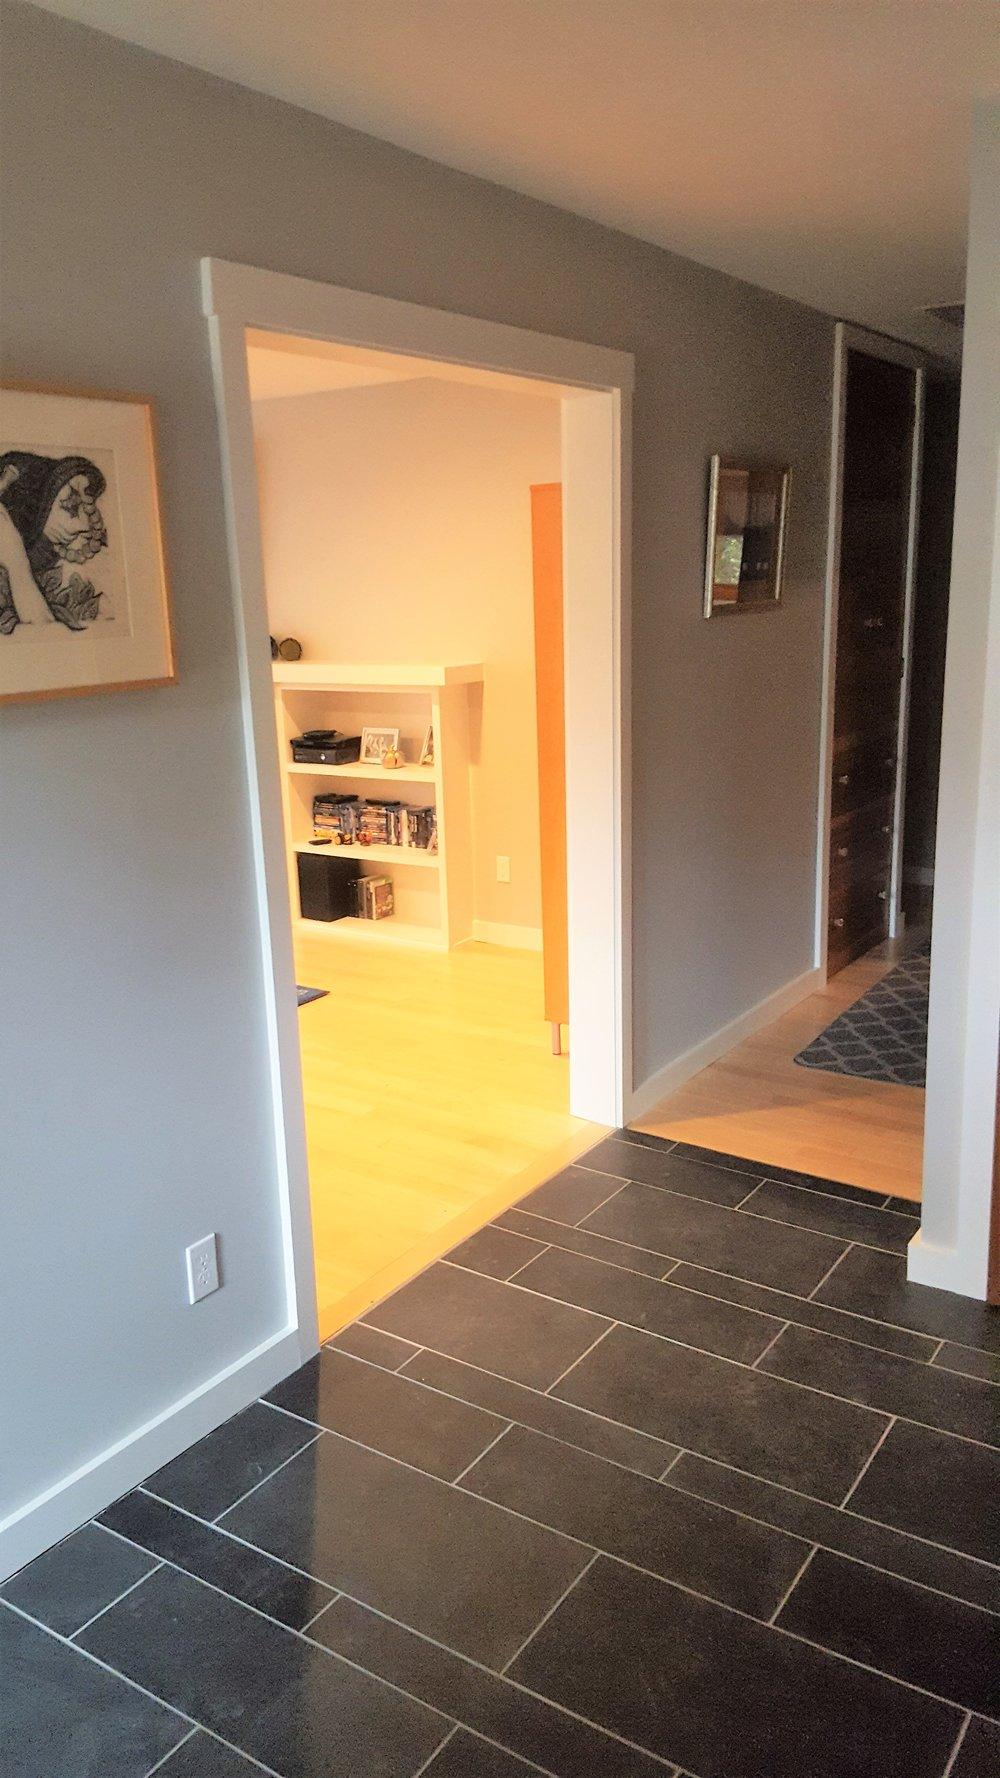 custom-tile-pattern-flooring-lanai-white-trim-engineered-wood.jpg